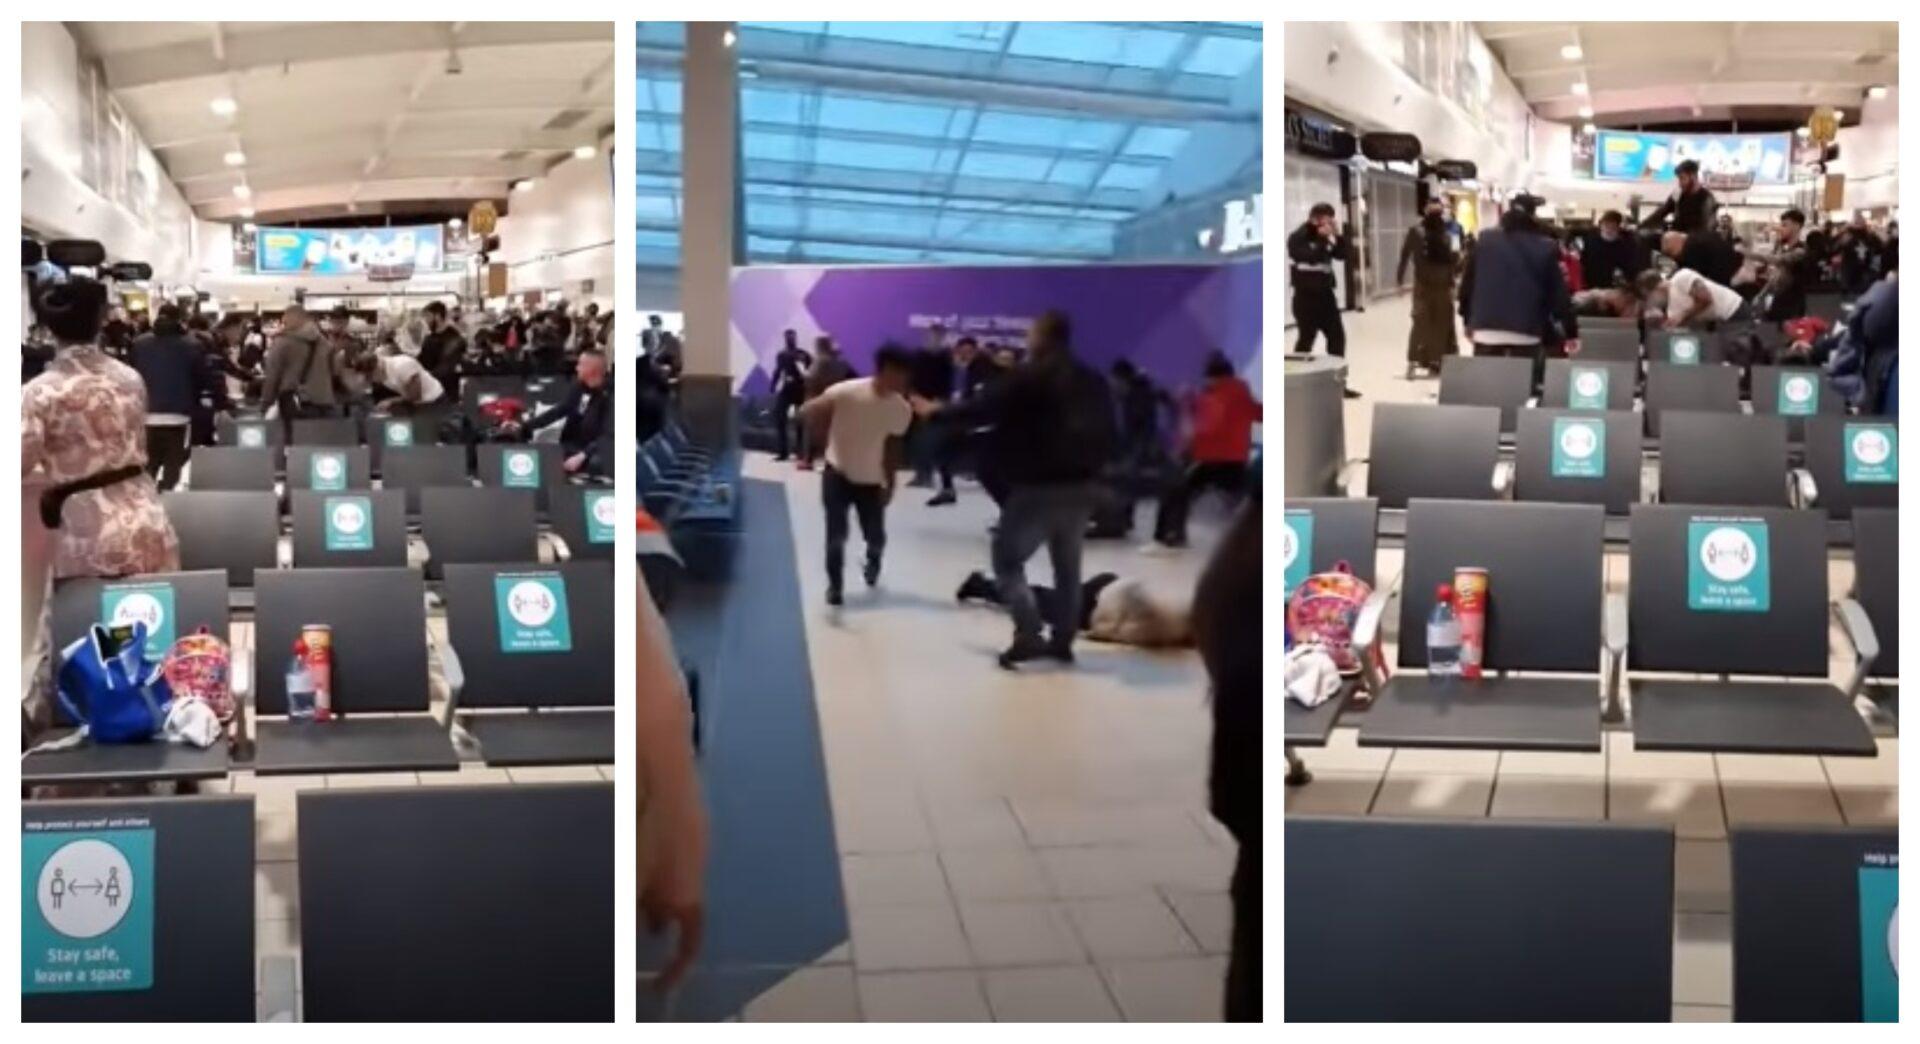 Bătaie cu români în aeroportul din Luton